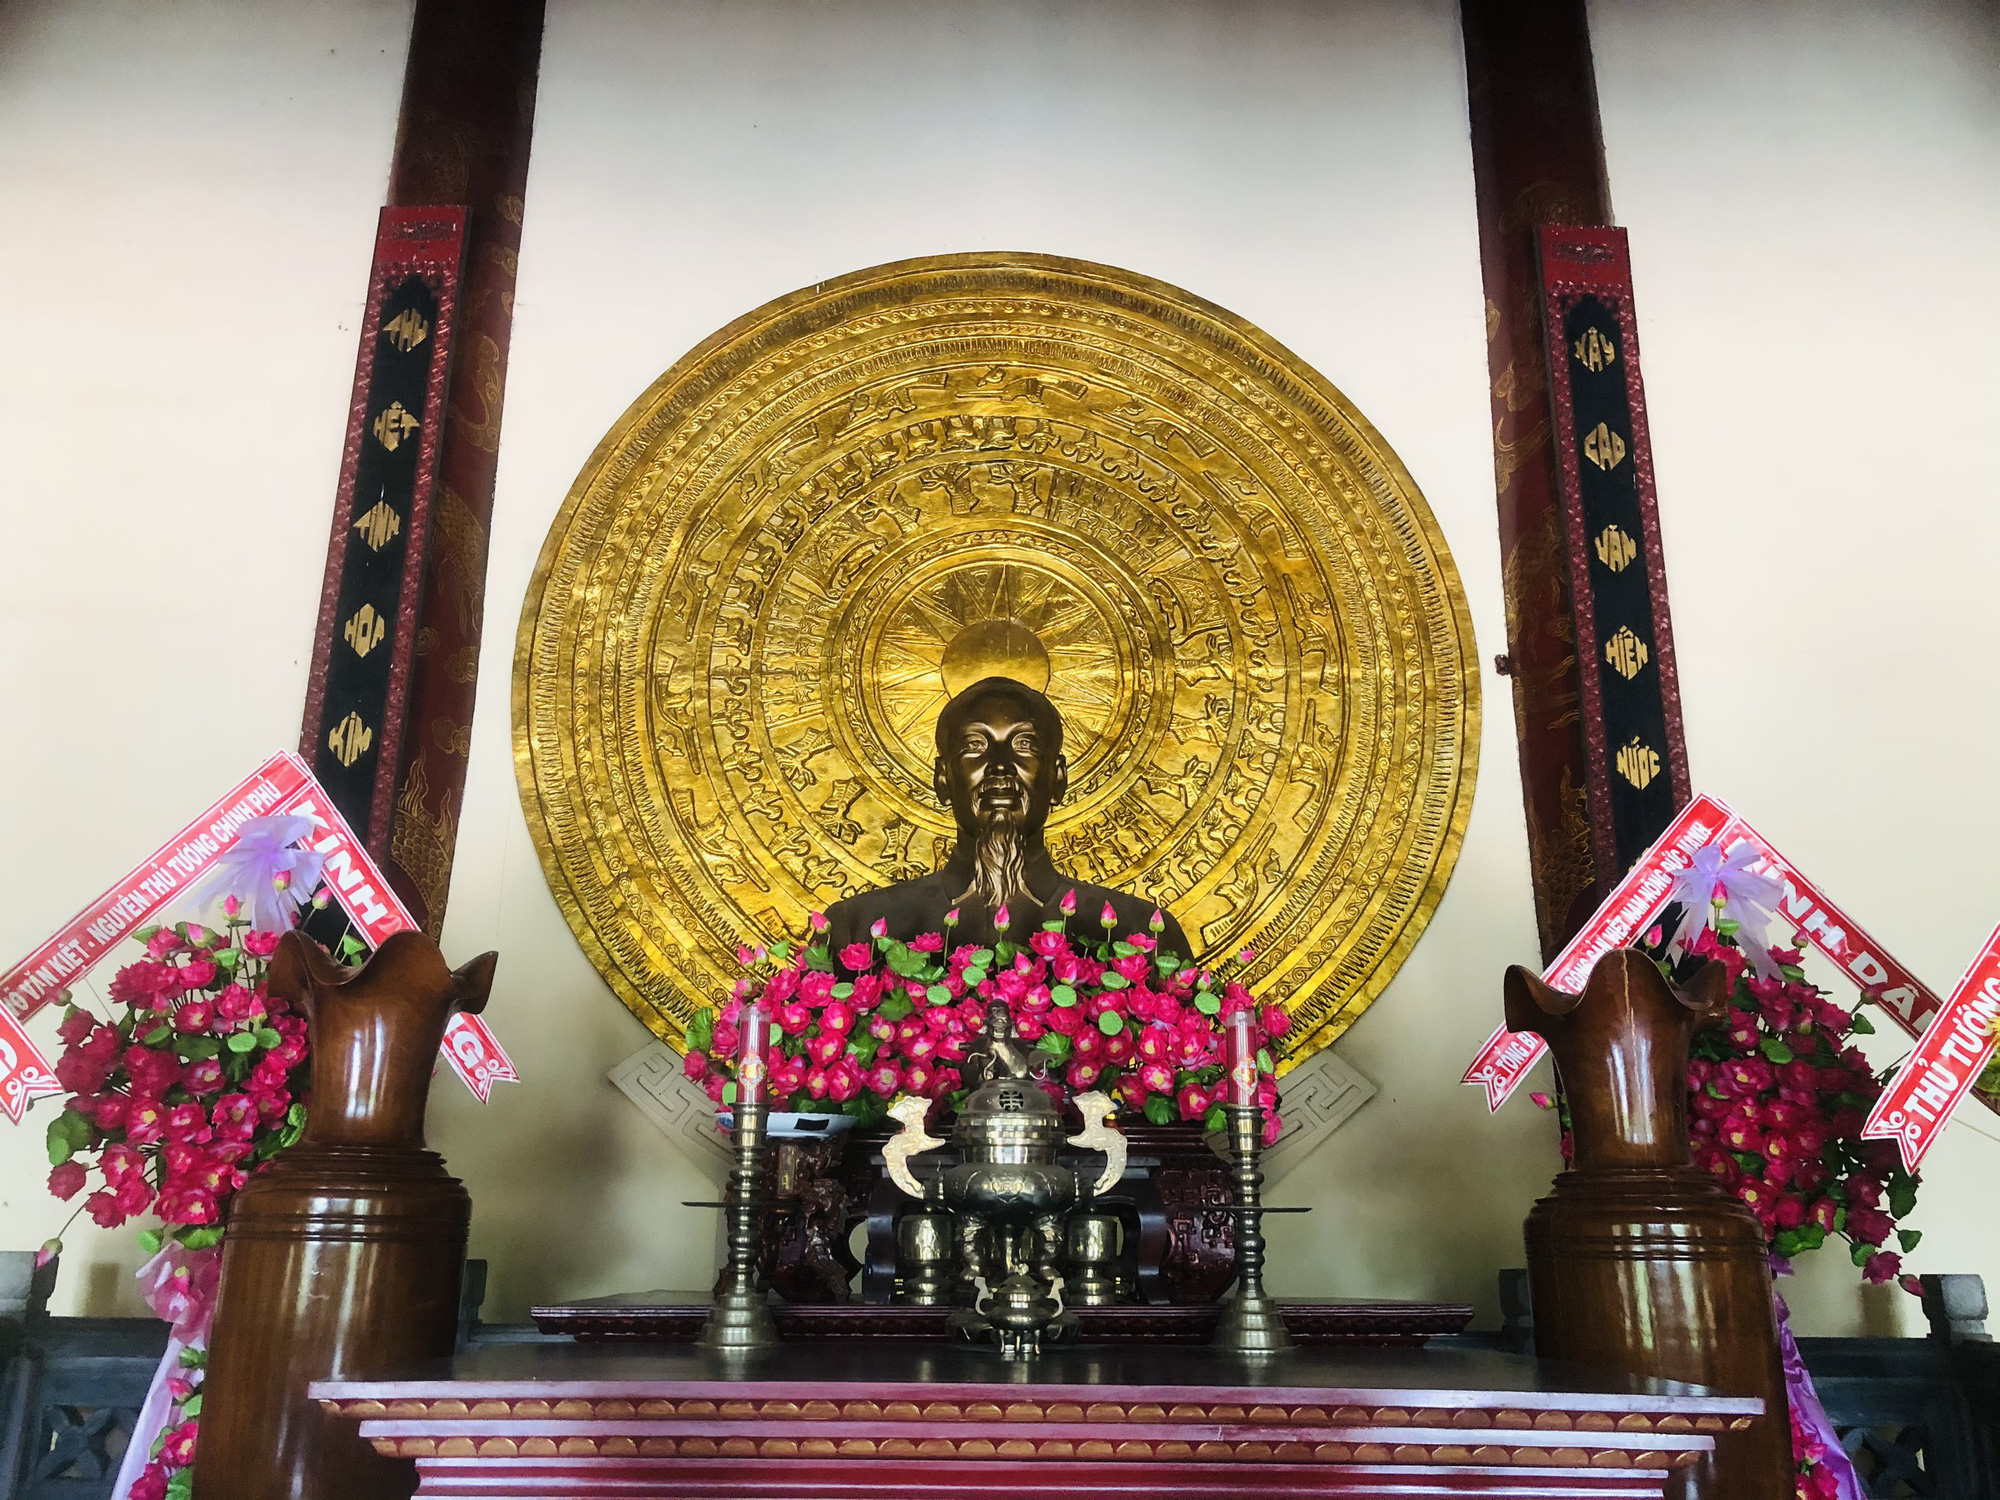 Văn miếu đầu tiên của miền Nam, nơi lưu giữ truyền thống văn hoá - giáo dục đất Biên Hoà - Ảnh 7.